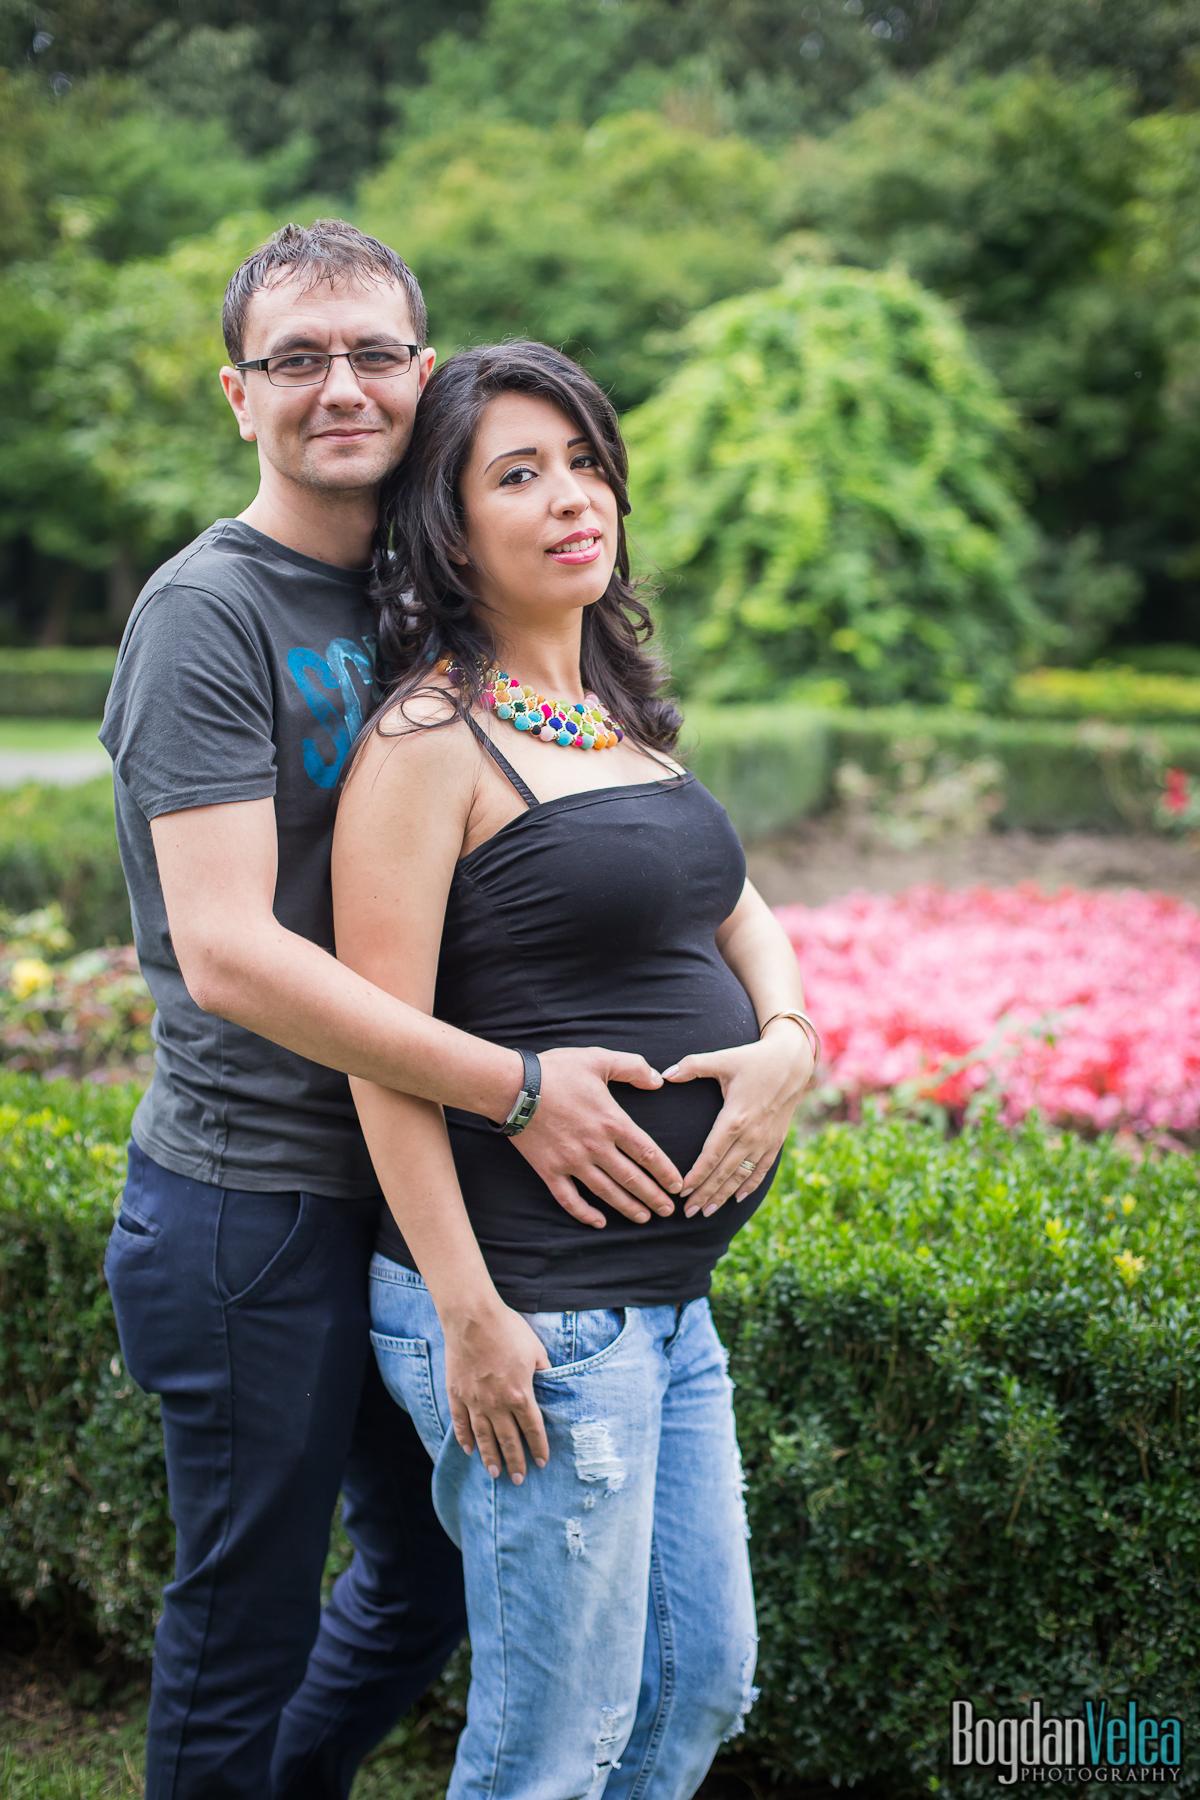 Sedinta-foto-gravida-Alexandra-si-Razvan-14